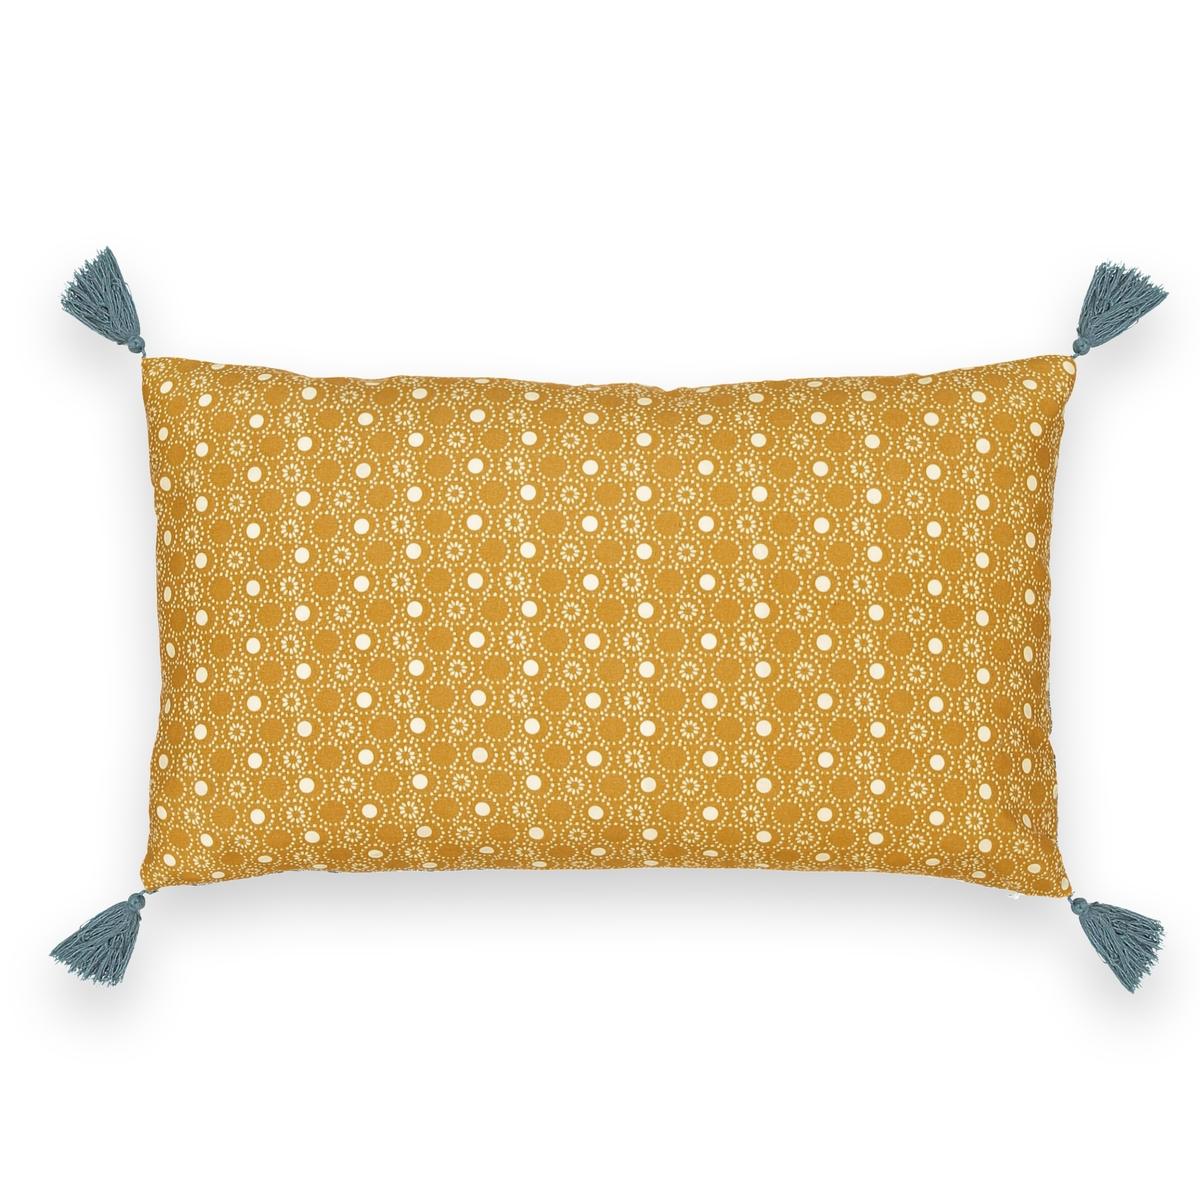 Чехол на подушку или наволочка, SHINTOЧехол или наволочка на подушку Shinto, качество Qualit? Best. Если Вам нравятся модные микроузоры, то чехол на подушку Shinto из перкали Вам придется по вкусу.Характеристики чехла на подушку или наволочки Shinto : Перкаль, 100% хлопок.Рисунок на желтом фоне с лицевой стороны, рисунок на синем фоне с оборотной стороны.Отделка кисточками в 4 углах.Застежка на скрытую молнию.Знак Oeko-Tex® гарантирует, что товары прошли проверку и были изготовлены без применения вредных для здоровья человека веществ.Характеристики чехла на подушку или наволочки Shinto : 40 x 40 см50 x 30 см50 x 70 смПодушку Terra, а также другие предметы интерьера Shinto Вы найдете на laredoute.ru<br><br>Цвет: желтый/ синий<br>Размер: 40 x 40  см